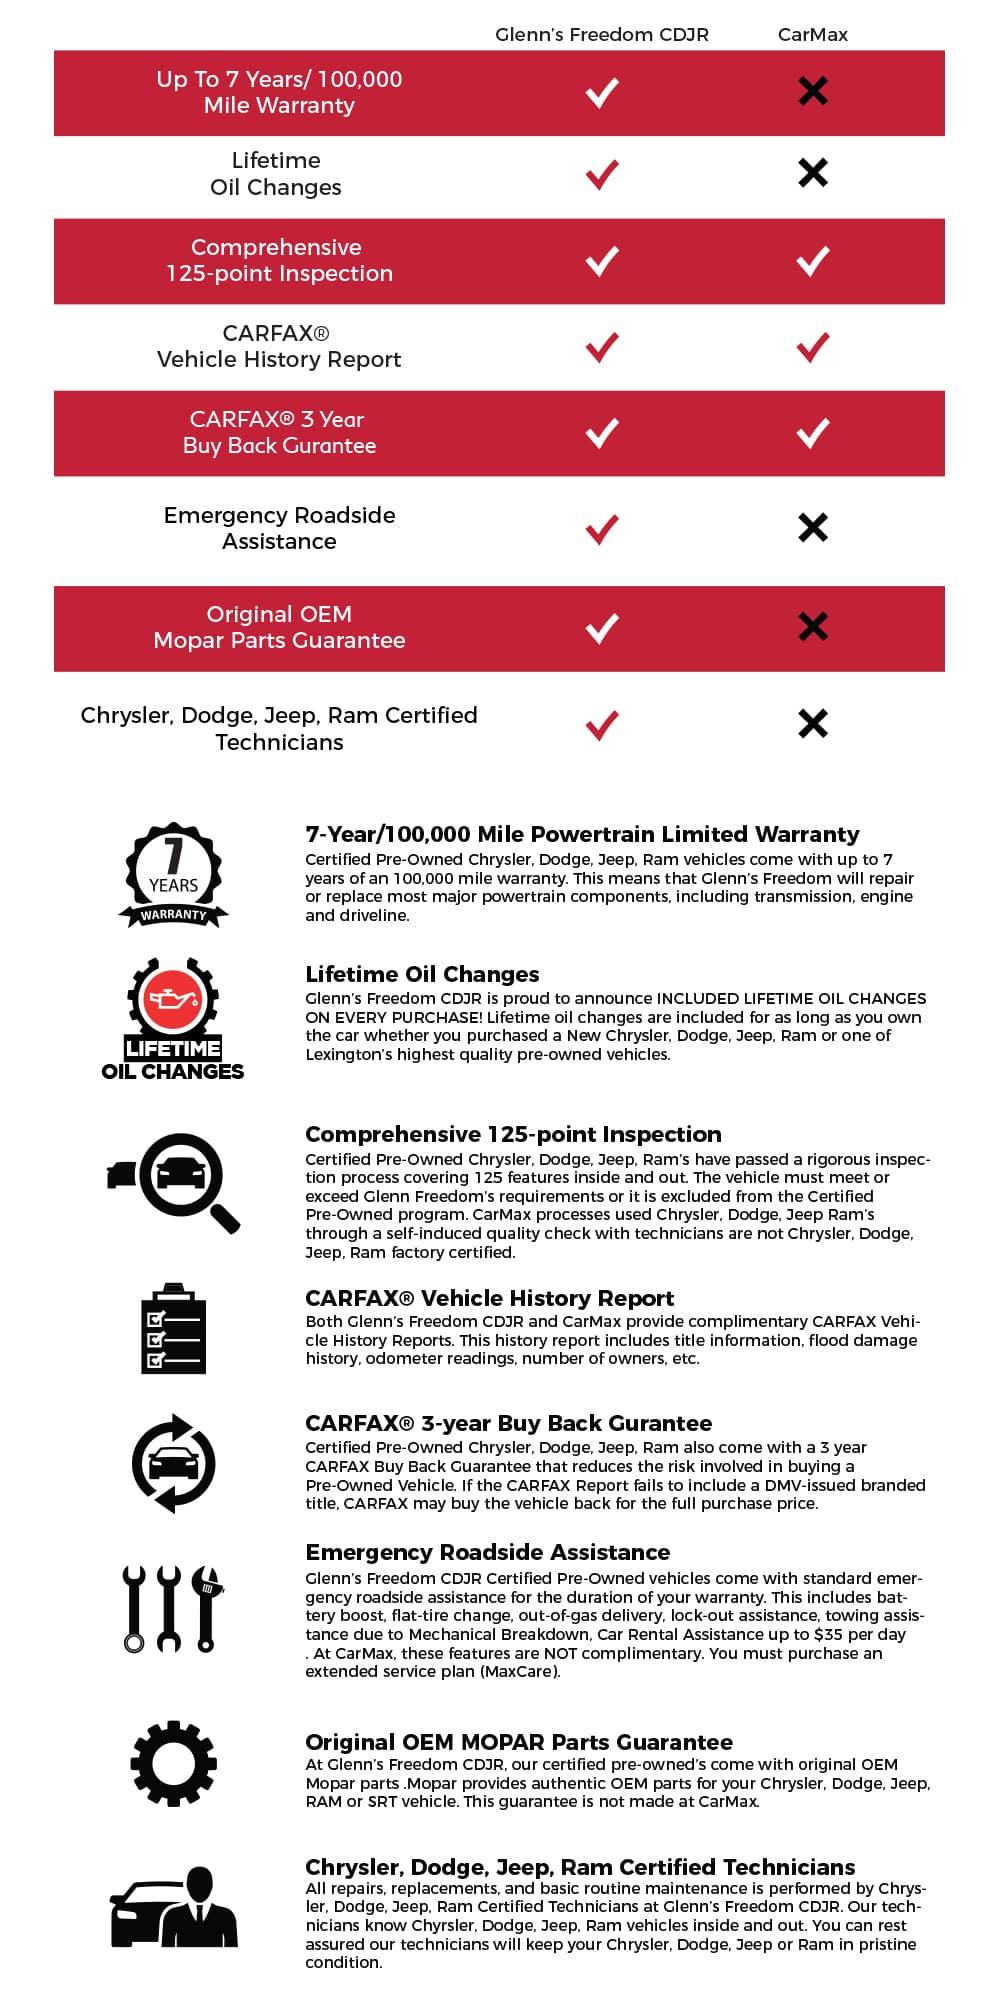 Glenn Freedom CDJR CPO Vs CarMax Glenns Freedom Chrysler Dodge - Chrysler roadside assistance